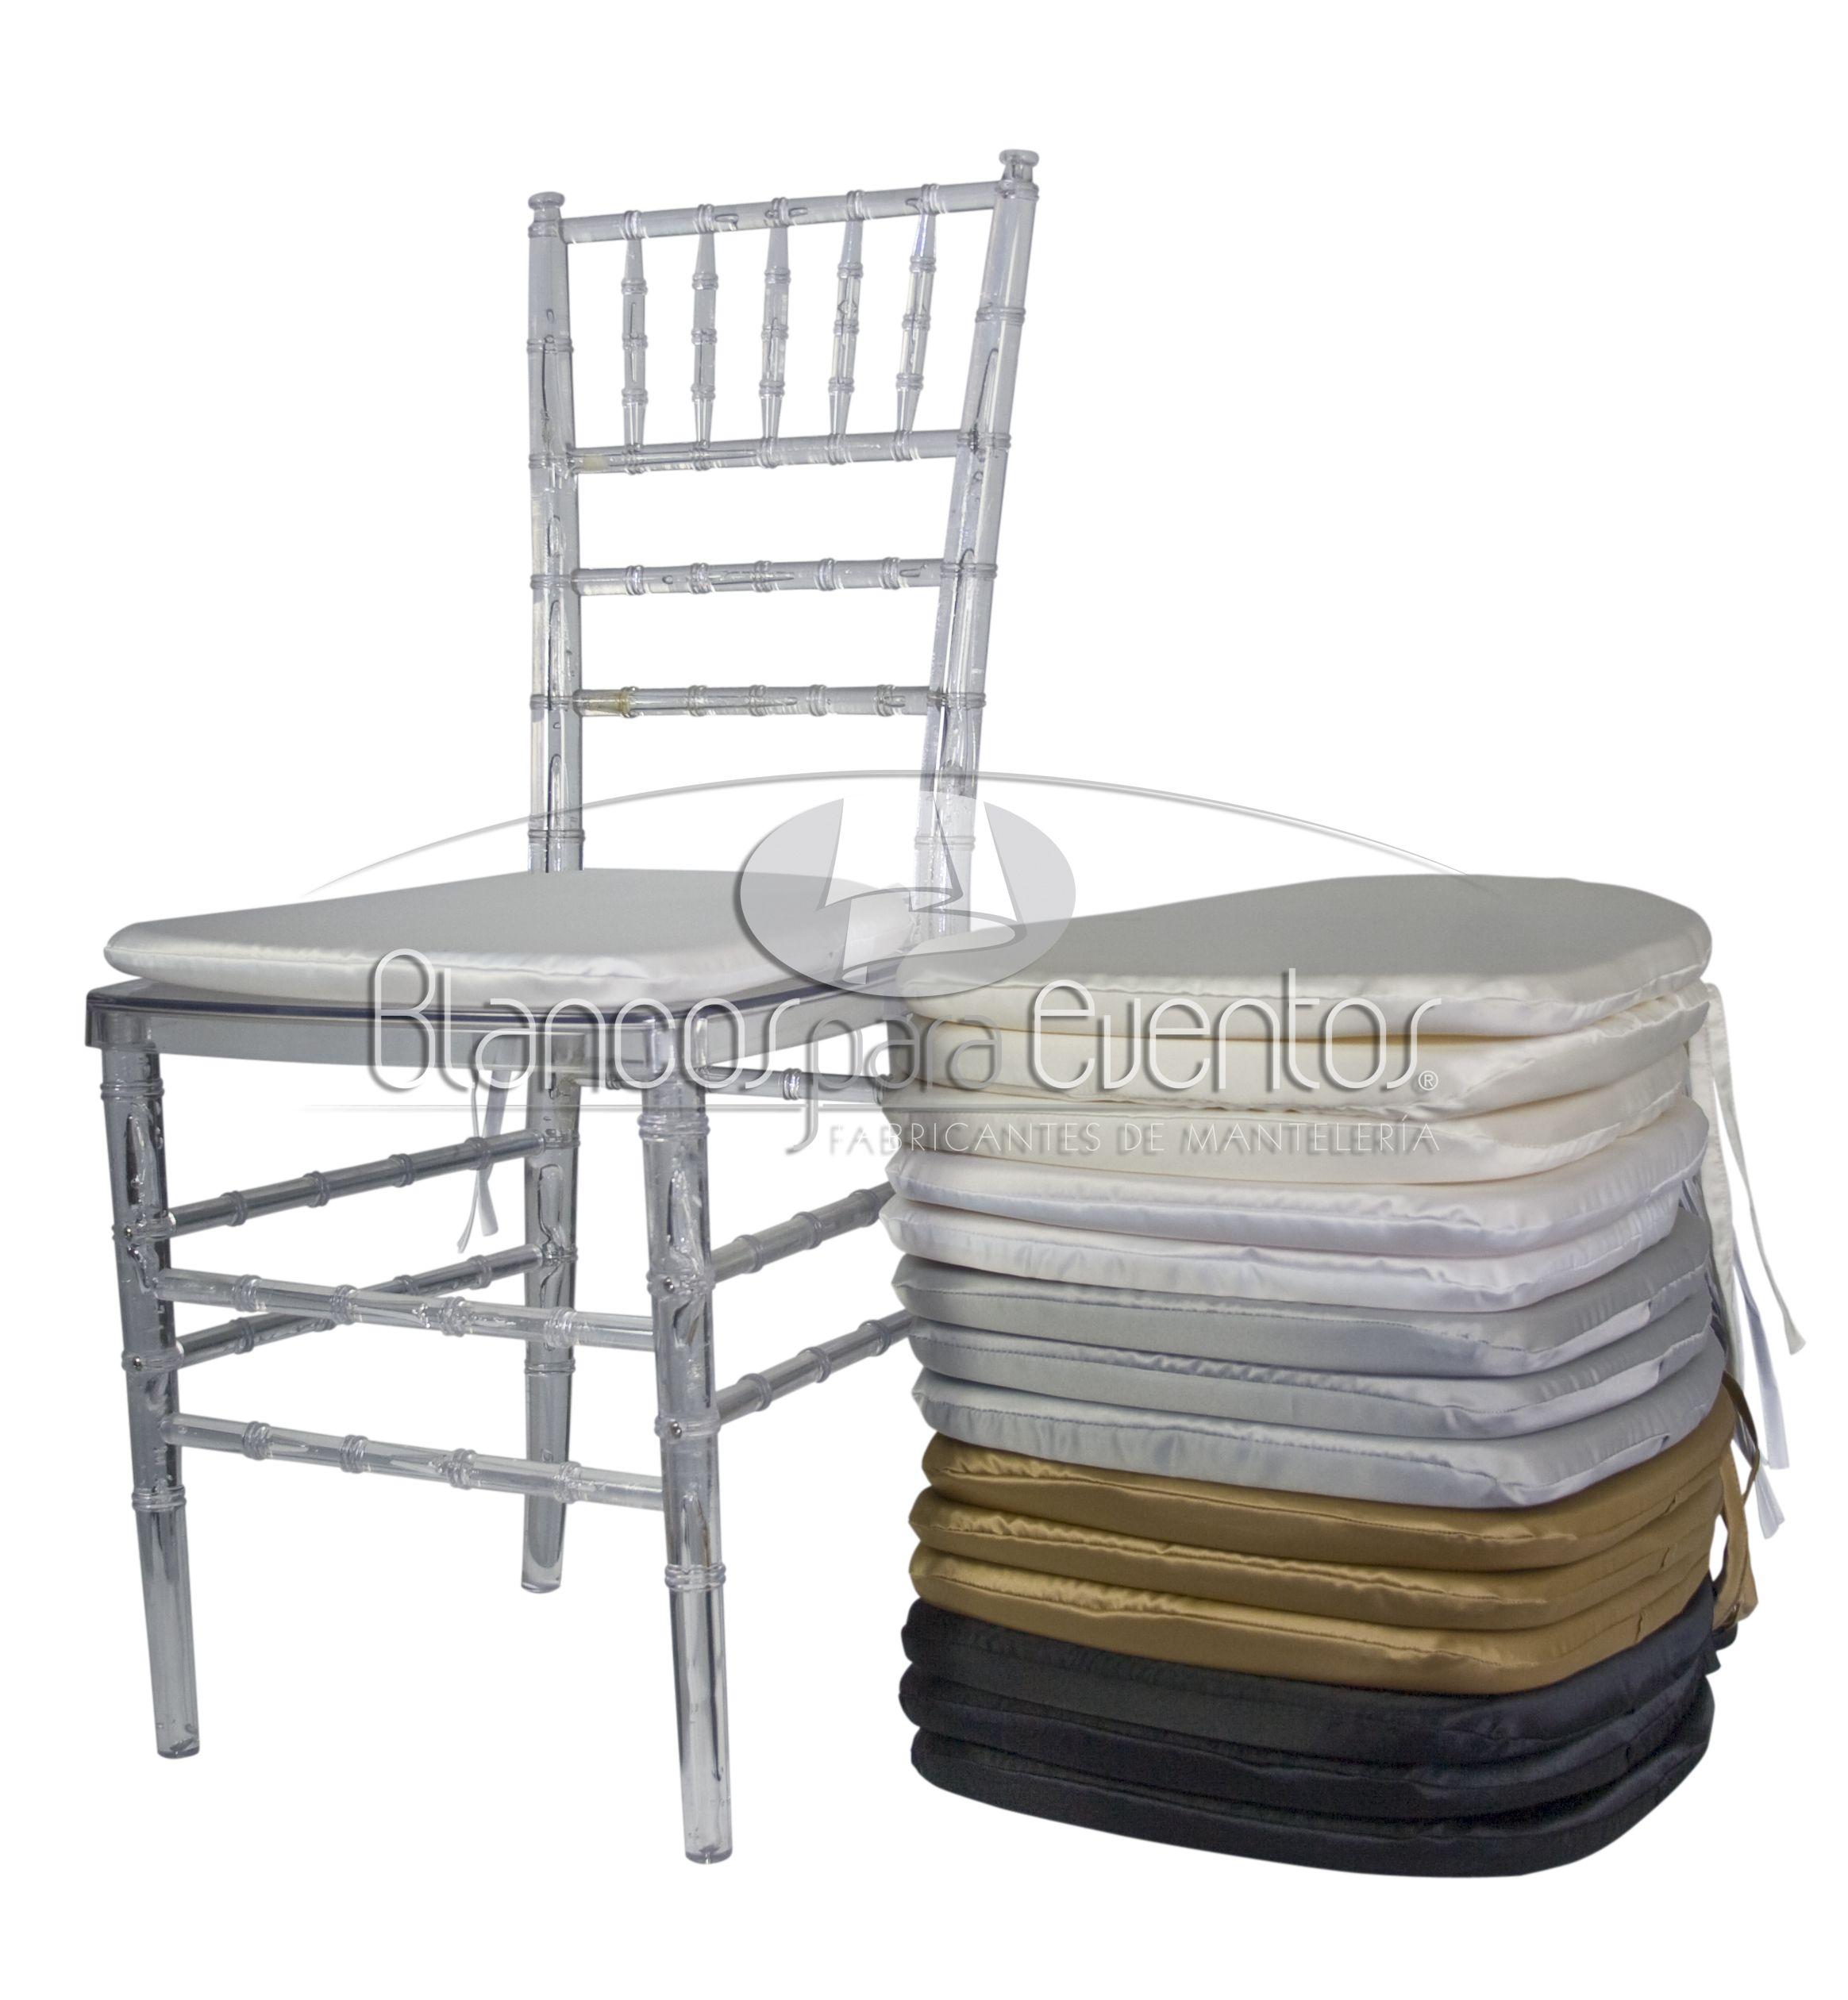 Forro para cojines silla tiffany cubre respaldos pinterest silla tiffany sillas y manteler a - Faldones para sillas ...